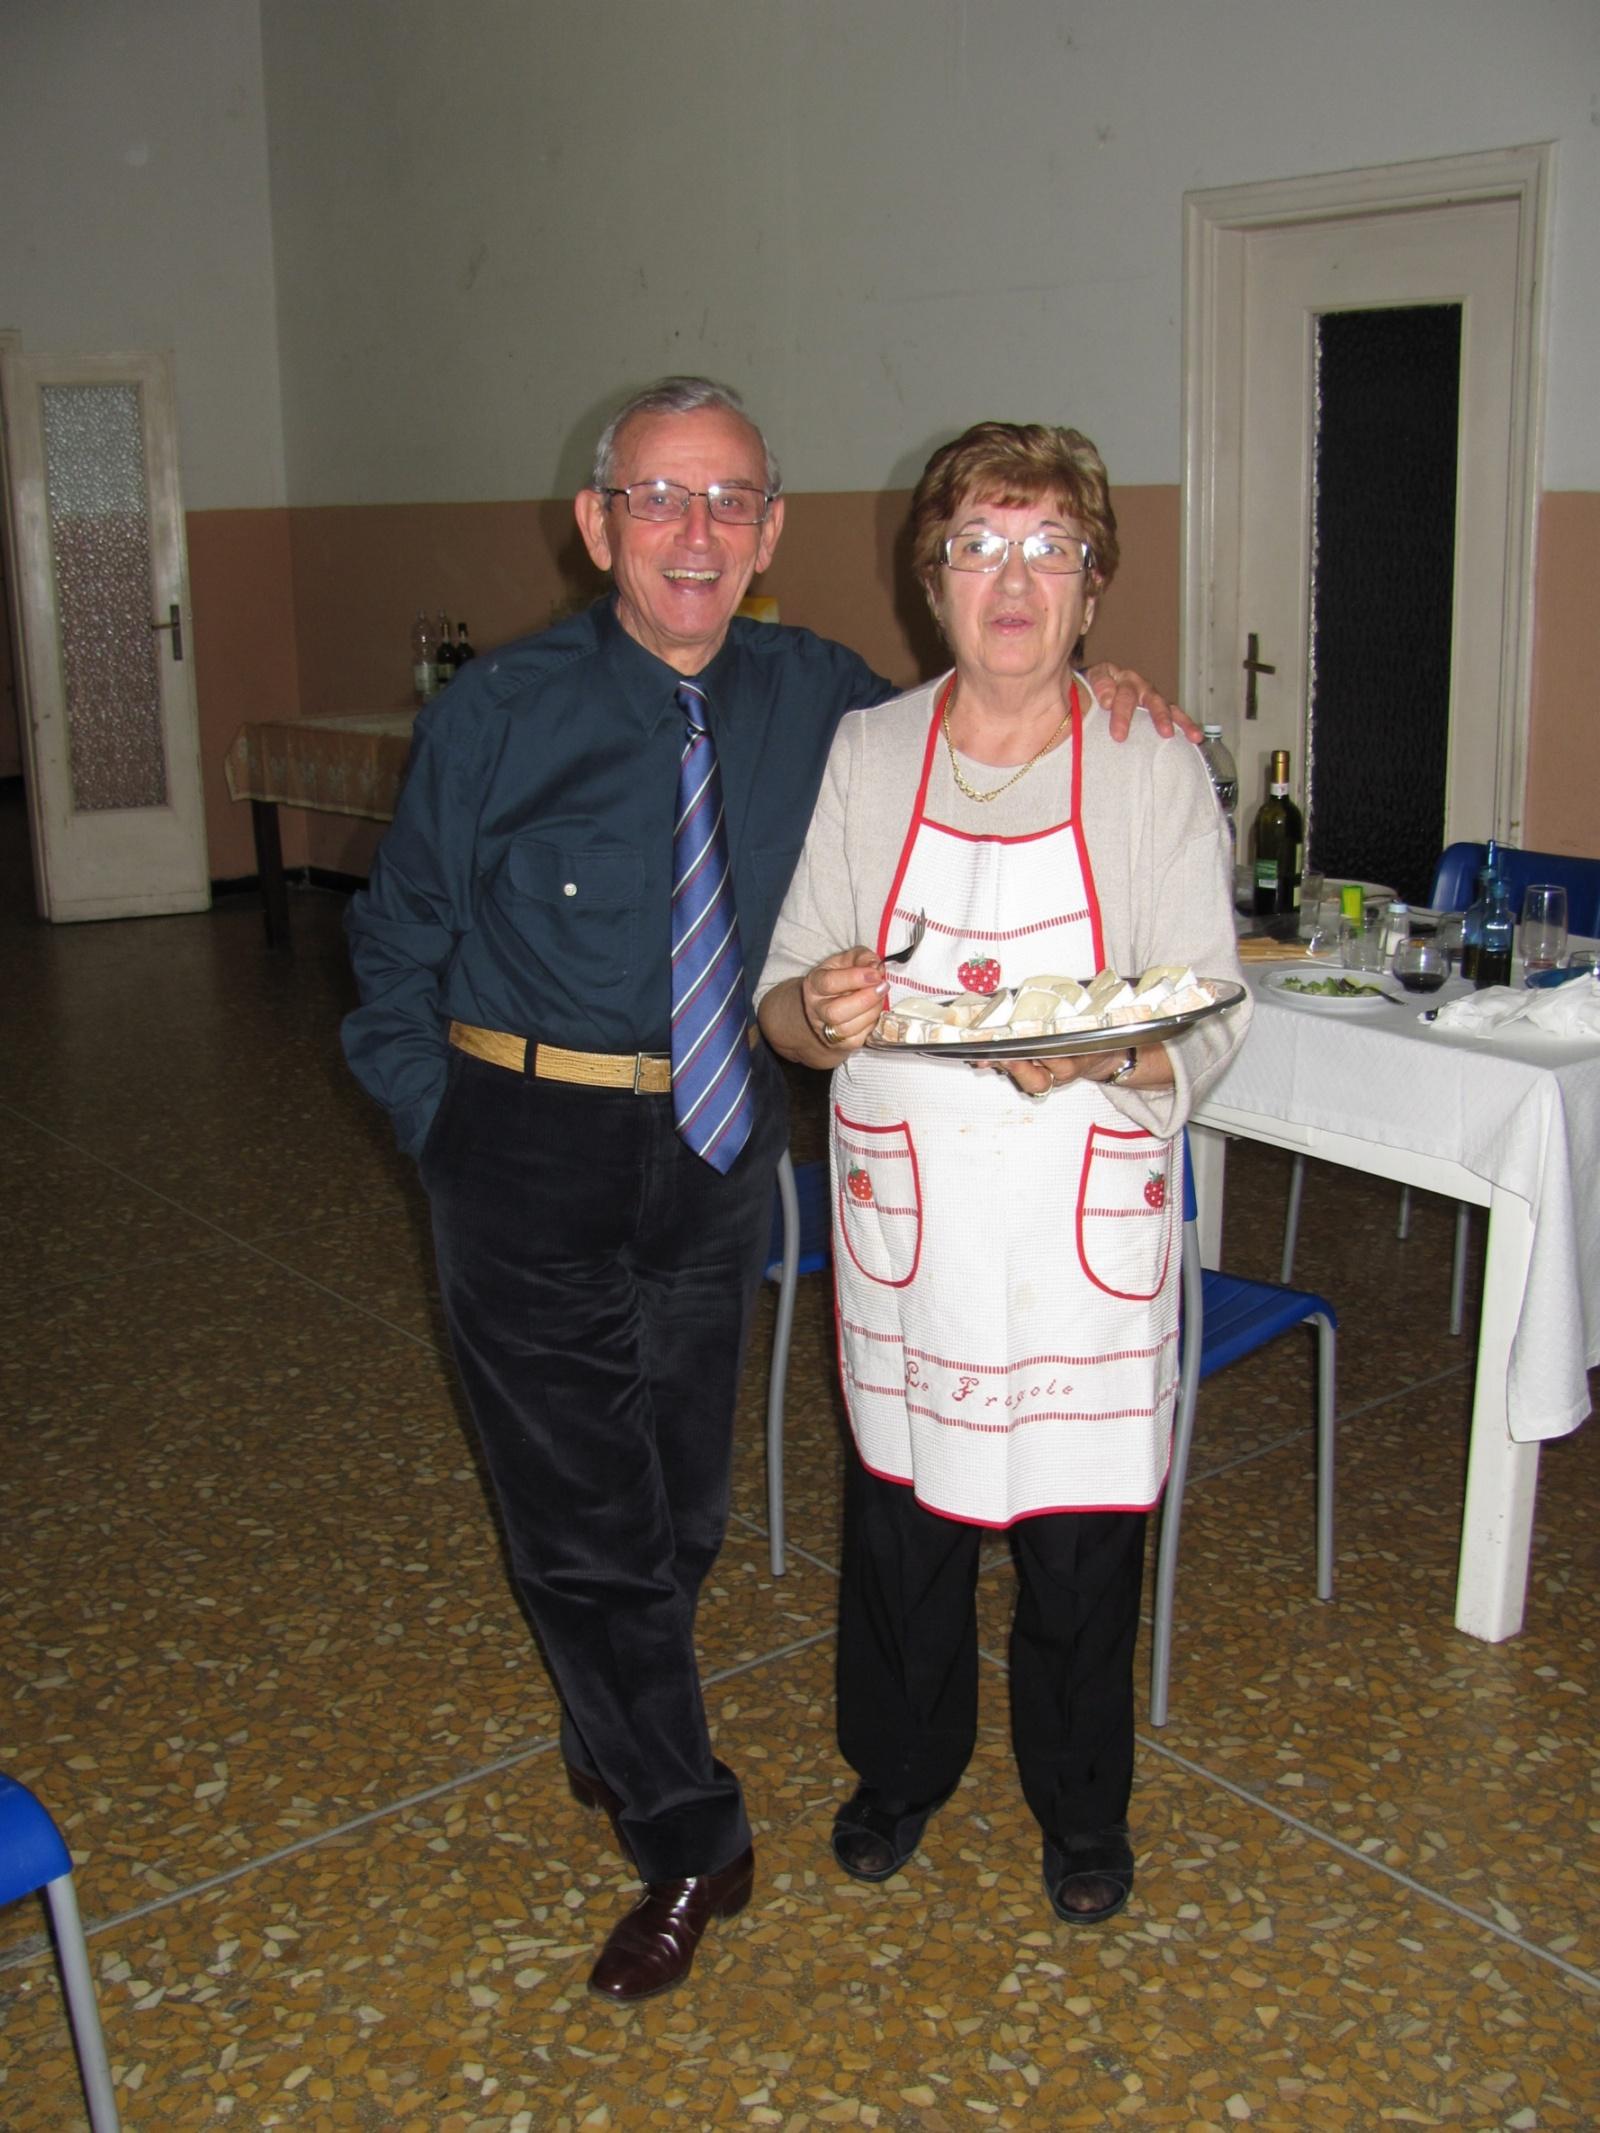 cenone_capodanno_2012-12-31-22-04-18